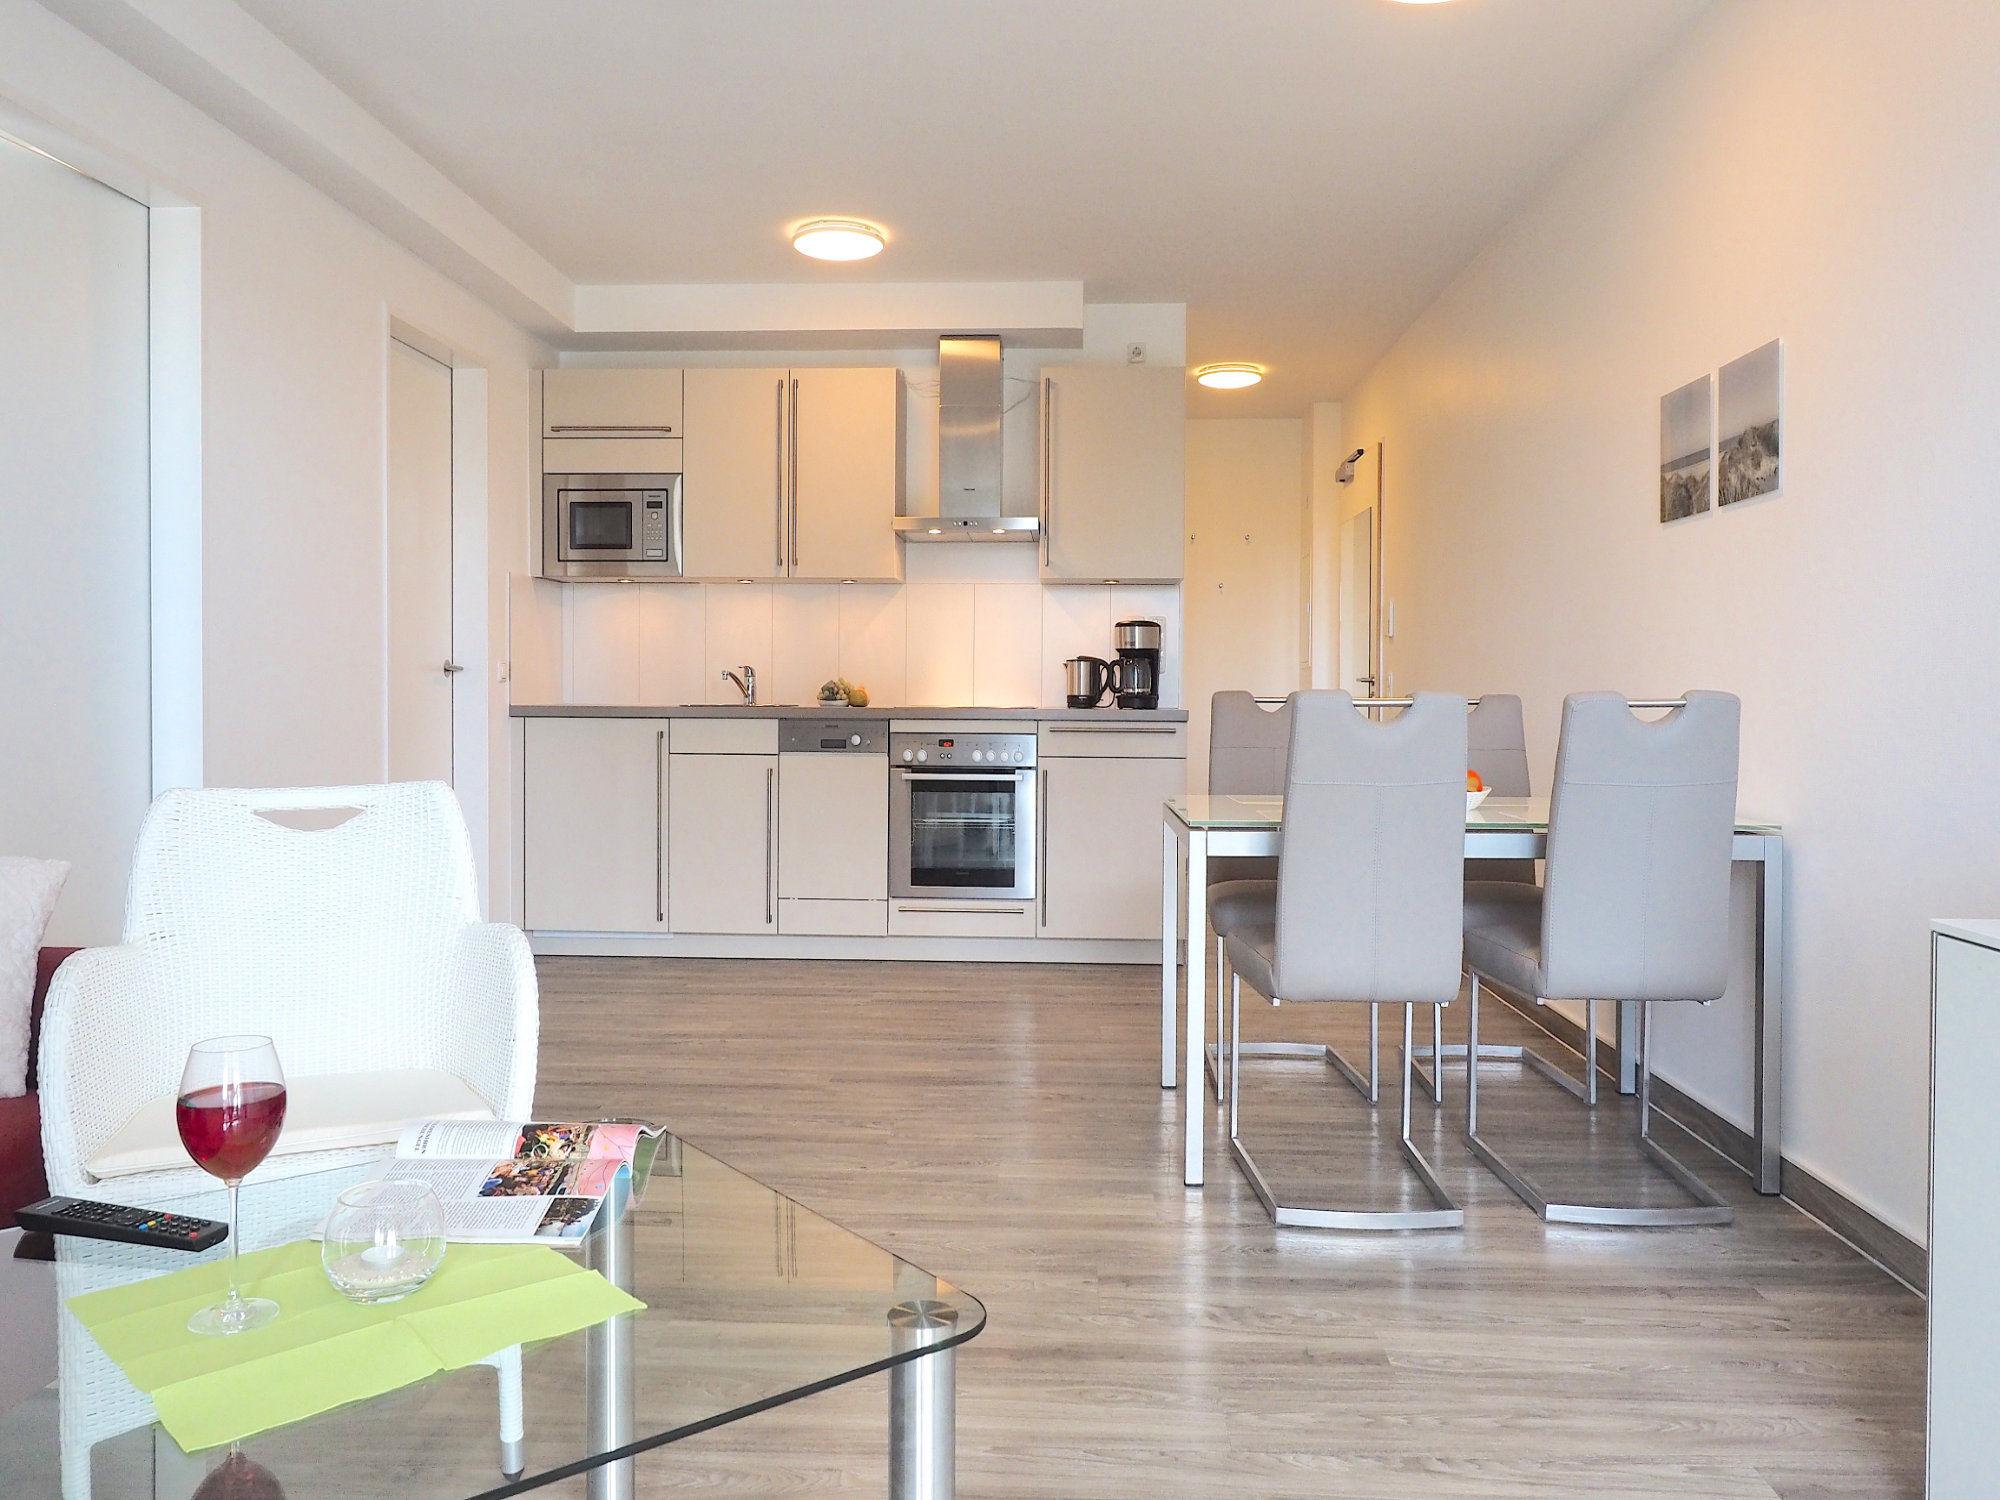 Im Vordergrund Glastisch mit Korbsessel, im Hintergrund rechts Tisch mit 4 Stühlen, dahinter Küchenzeile